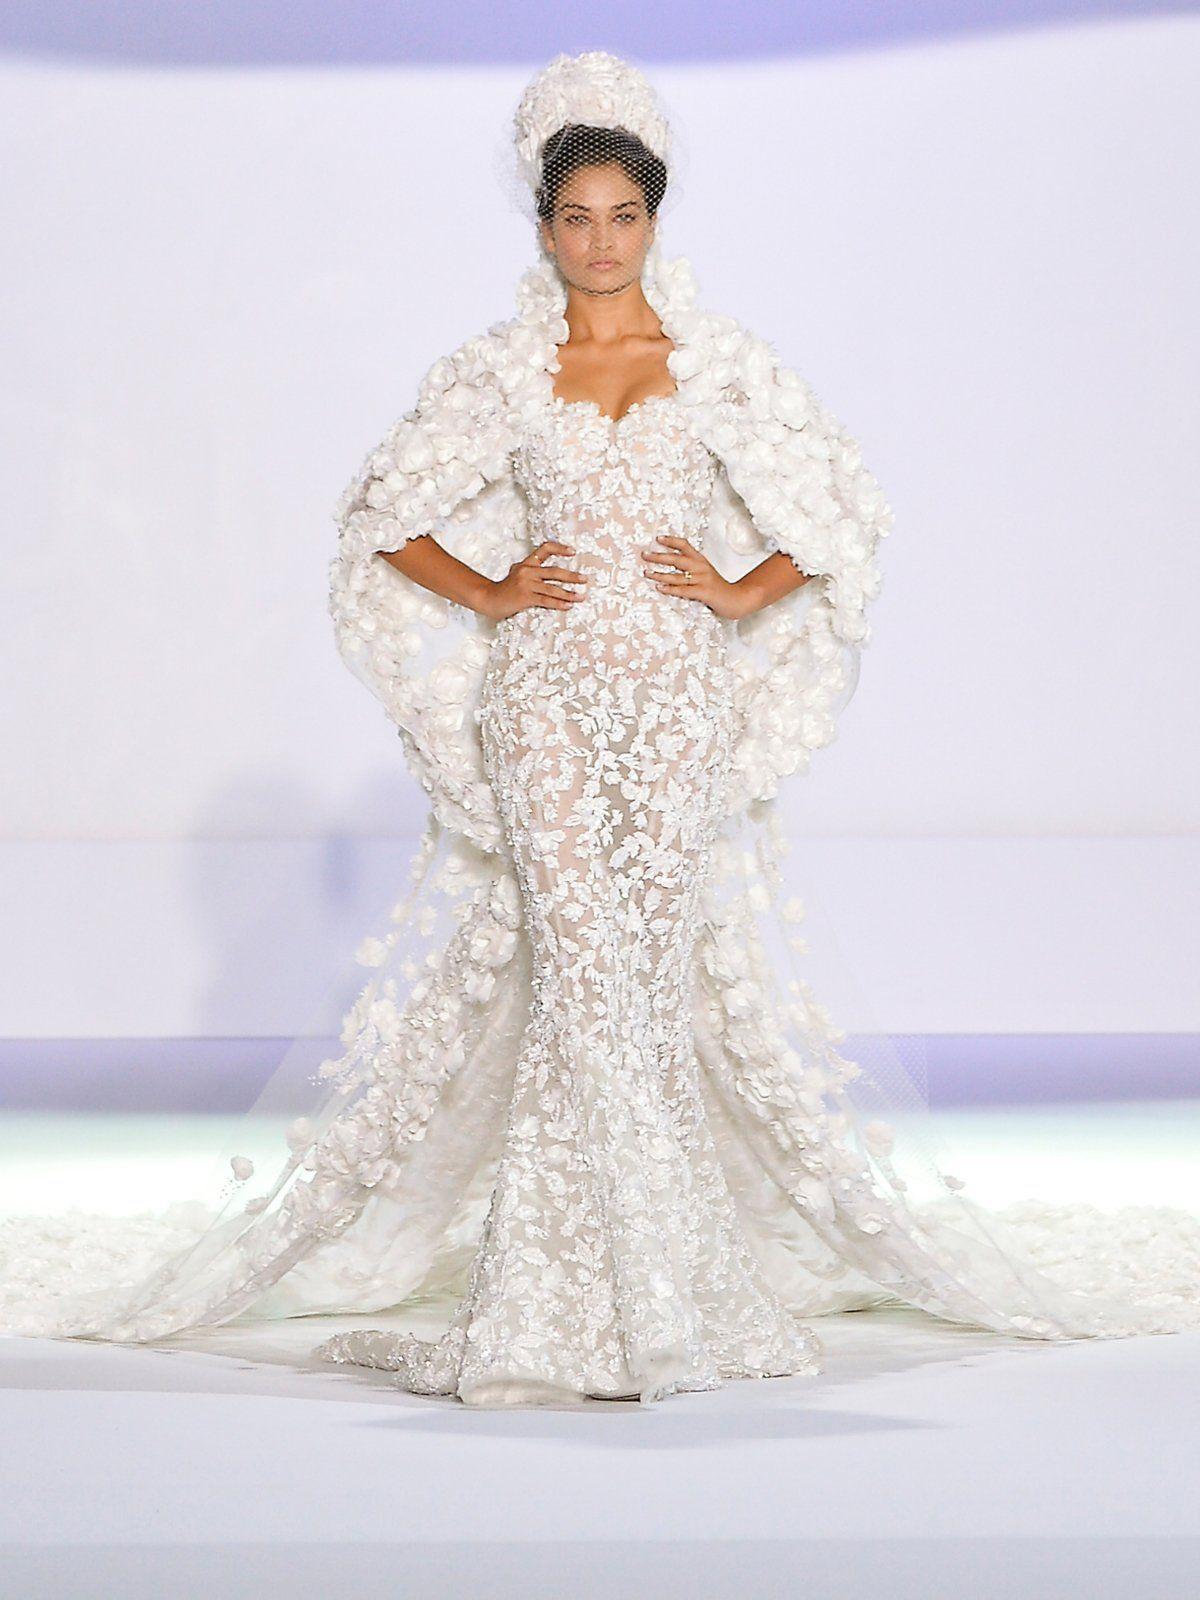 Die schönsten Couture Bräute | Haute couture, Couture und Brautkleid